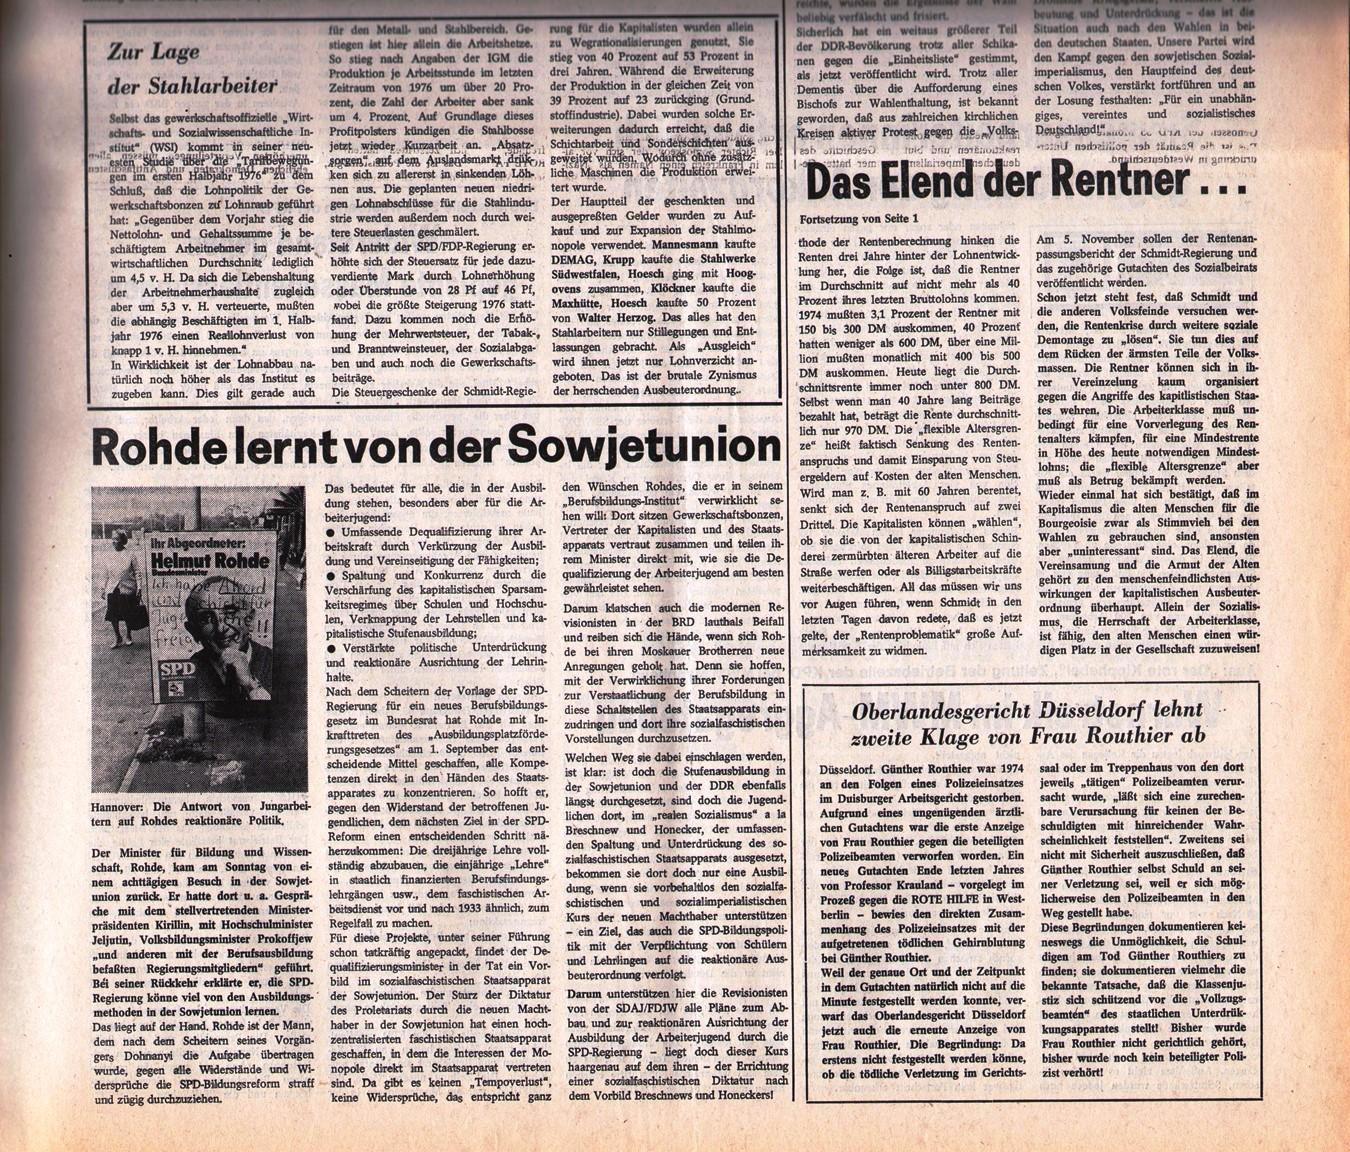 KPD_Rote_Fahne_1976_42_06